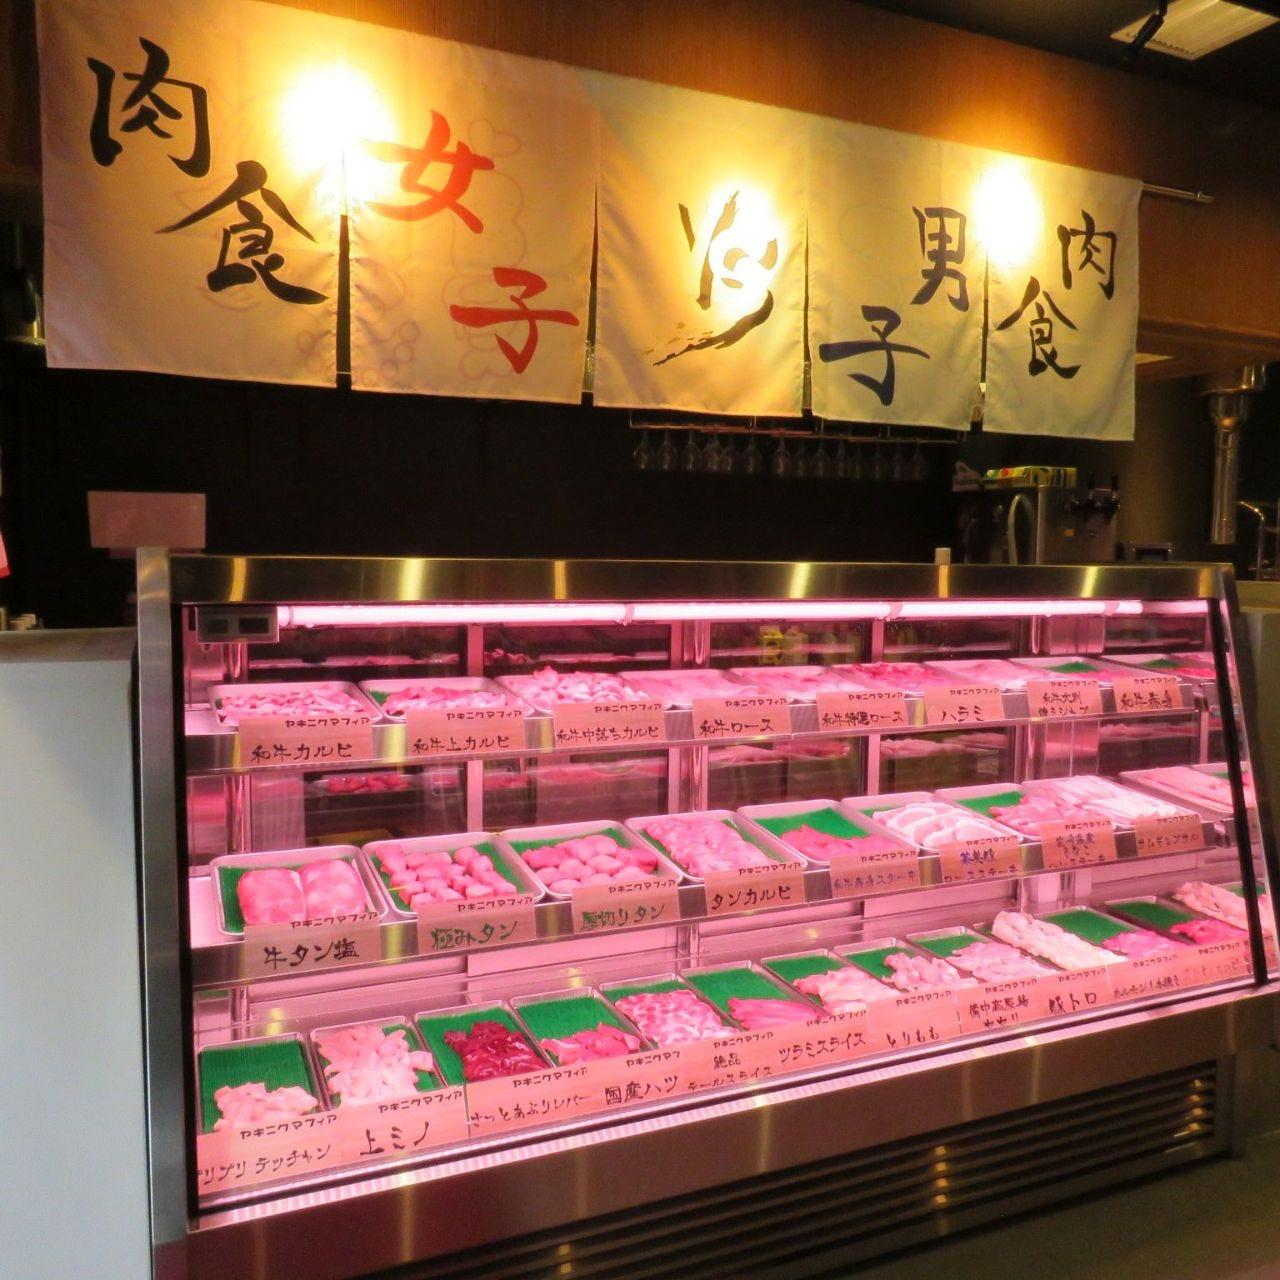 和牛焼肉食べ放題 ヤキニクギャング 梅田店